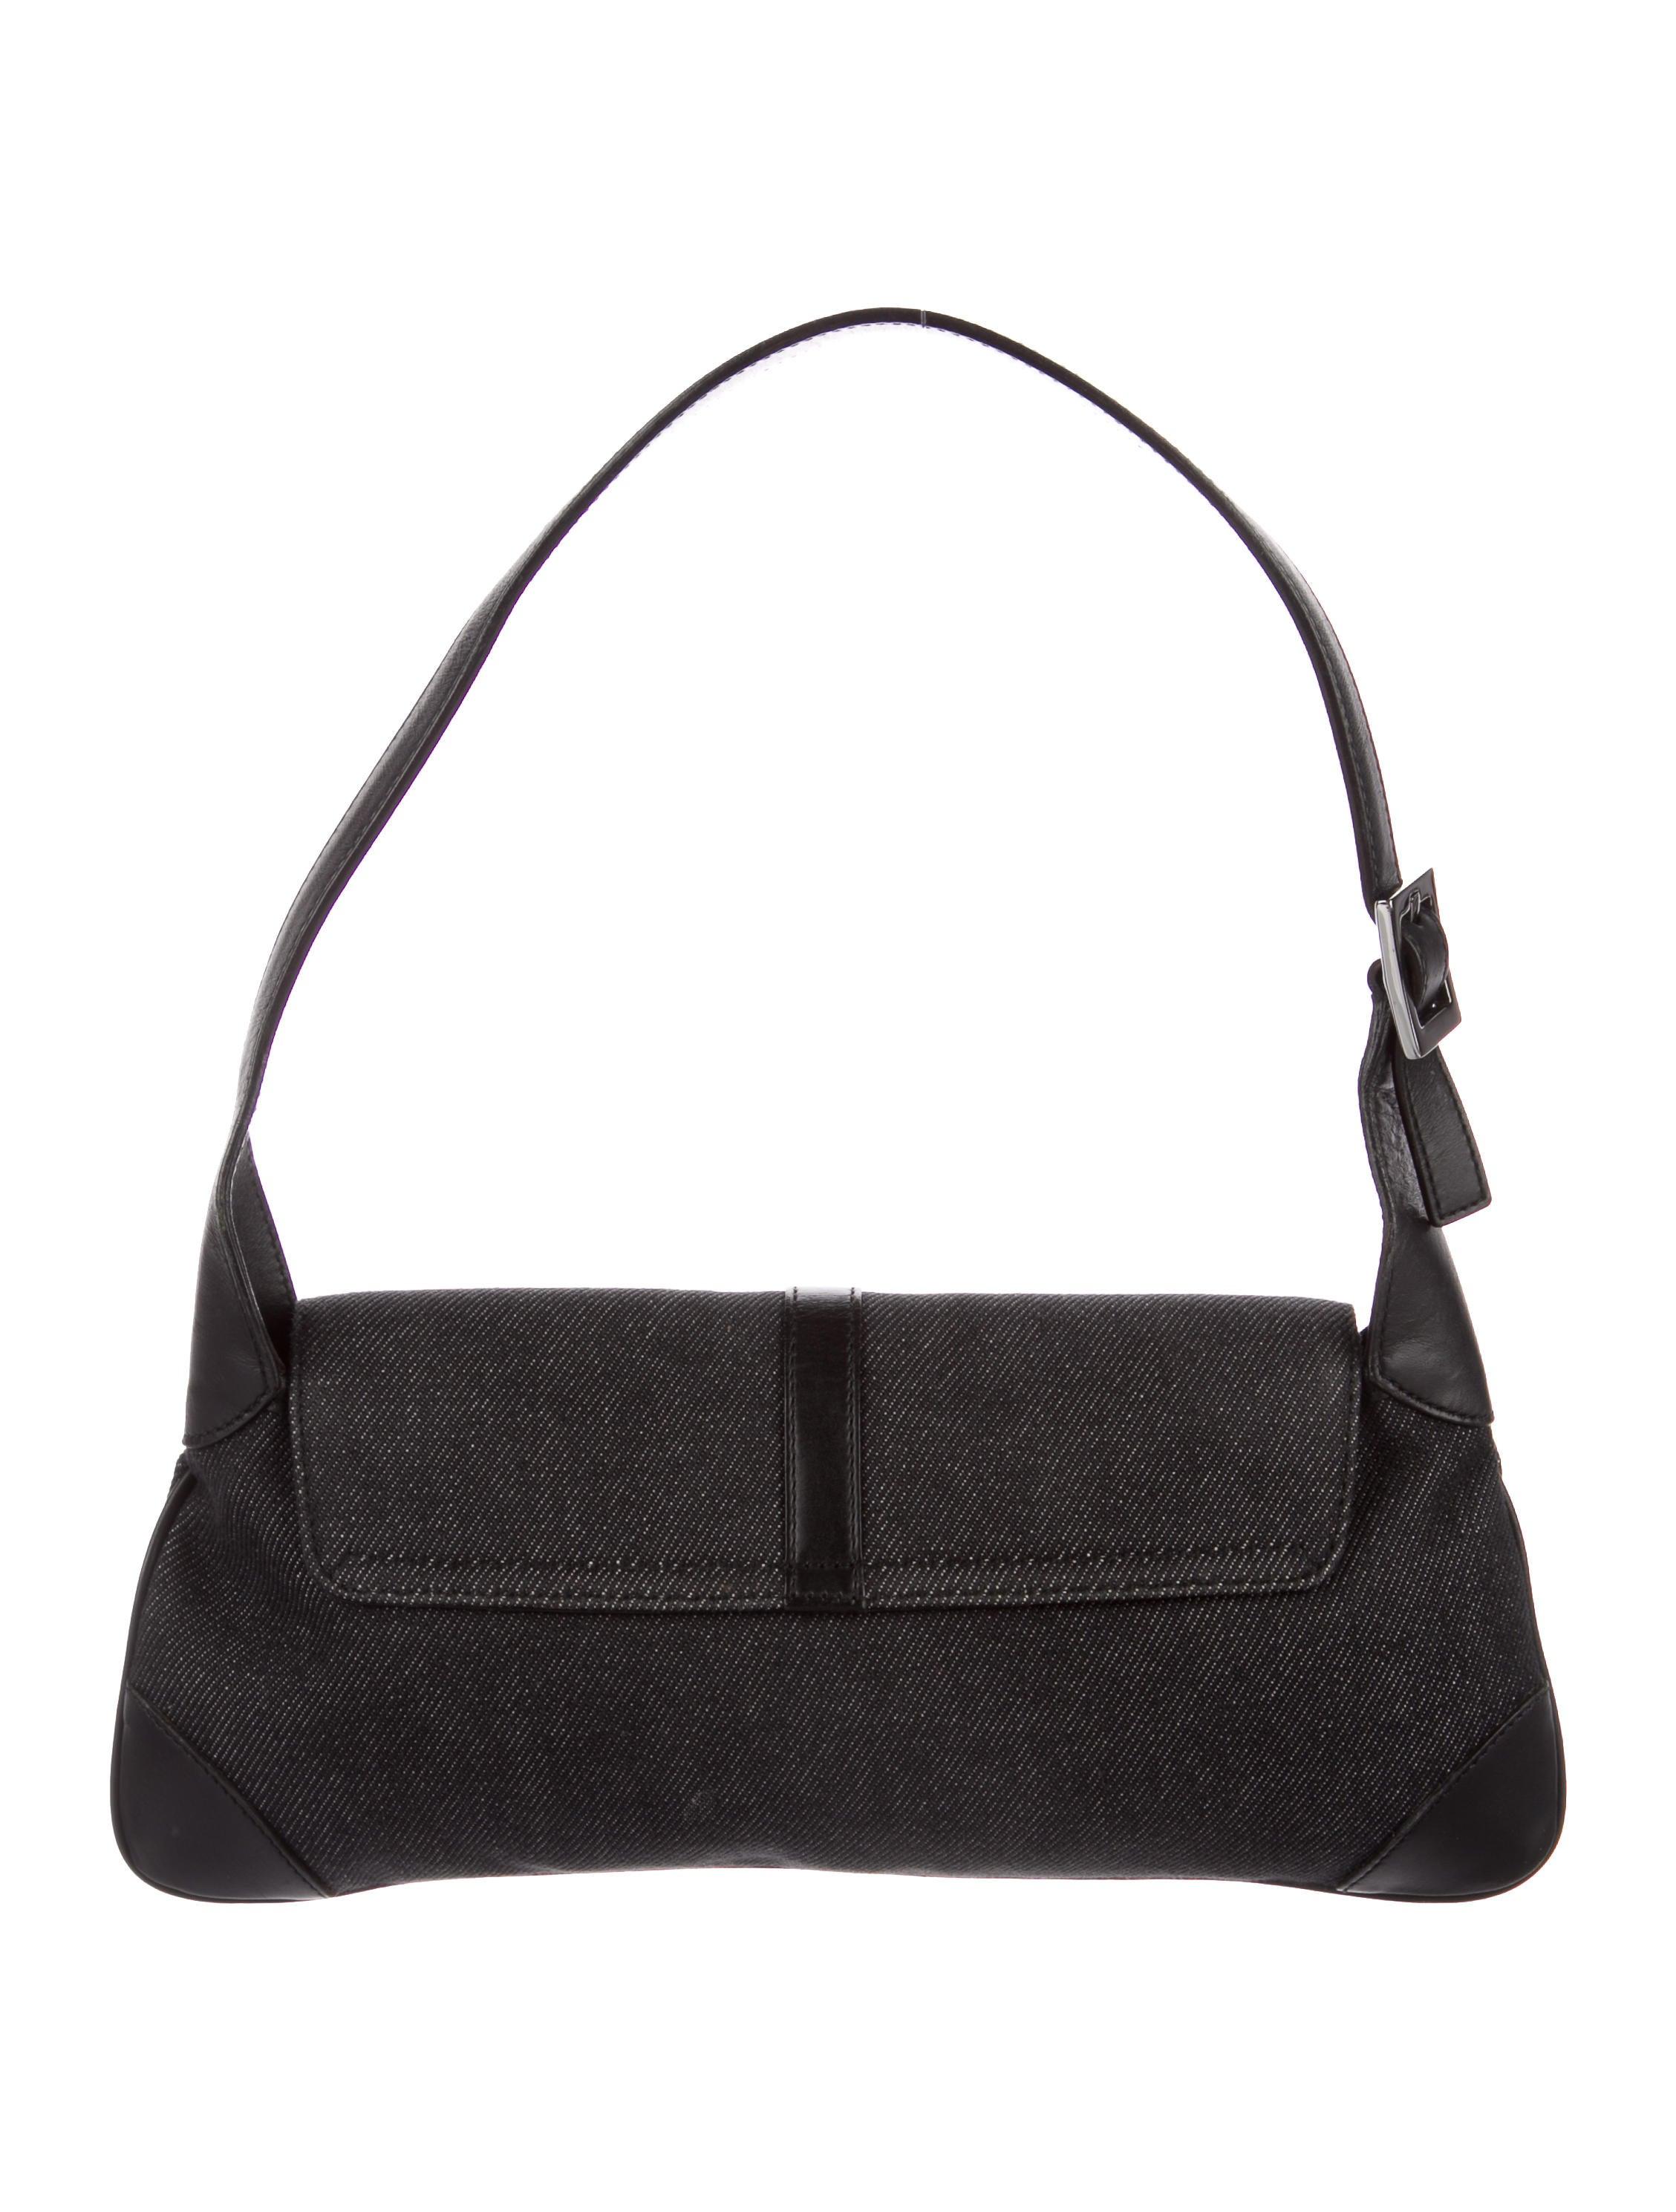 a7ca6bb70c1a7 Gucci Denim Jackie Bag - Handbags - GUC184508